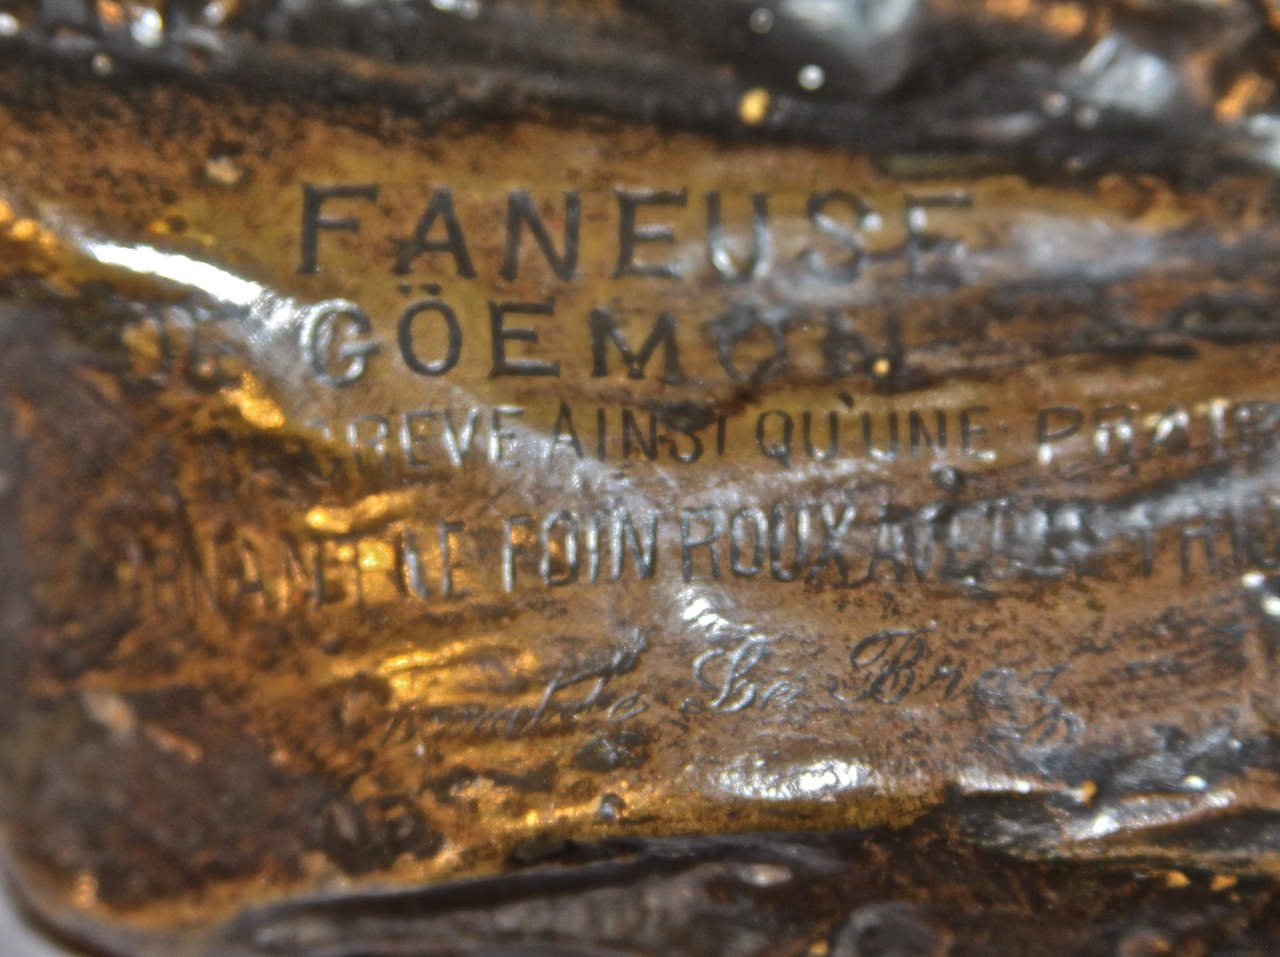 La Faneuse de Goemon by 20th Century French School